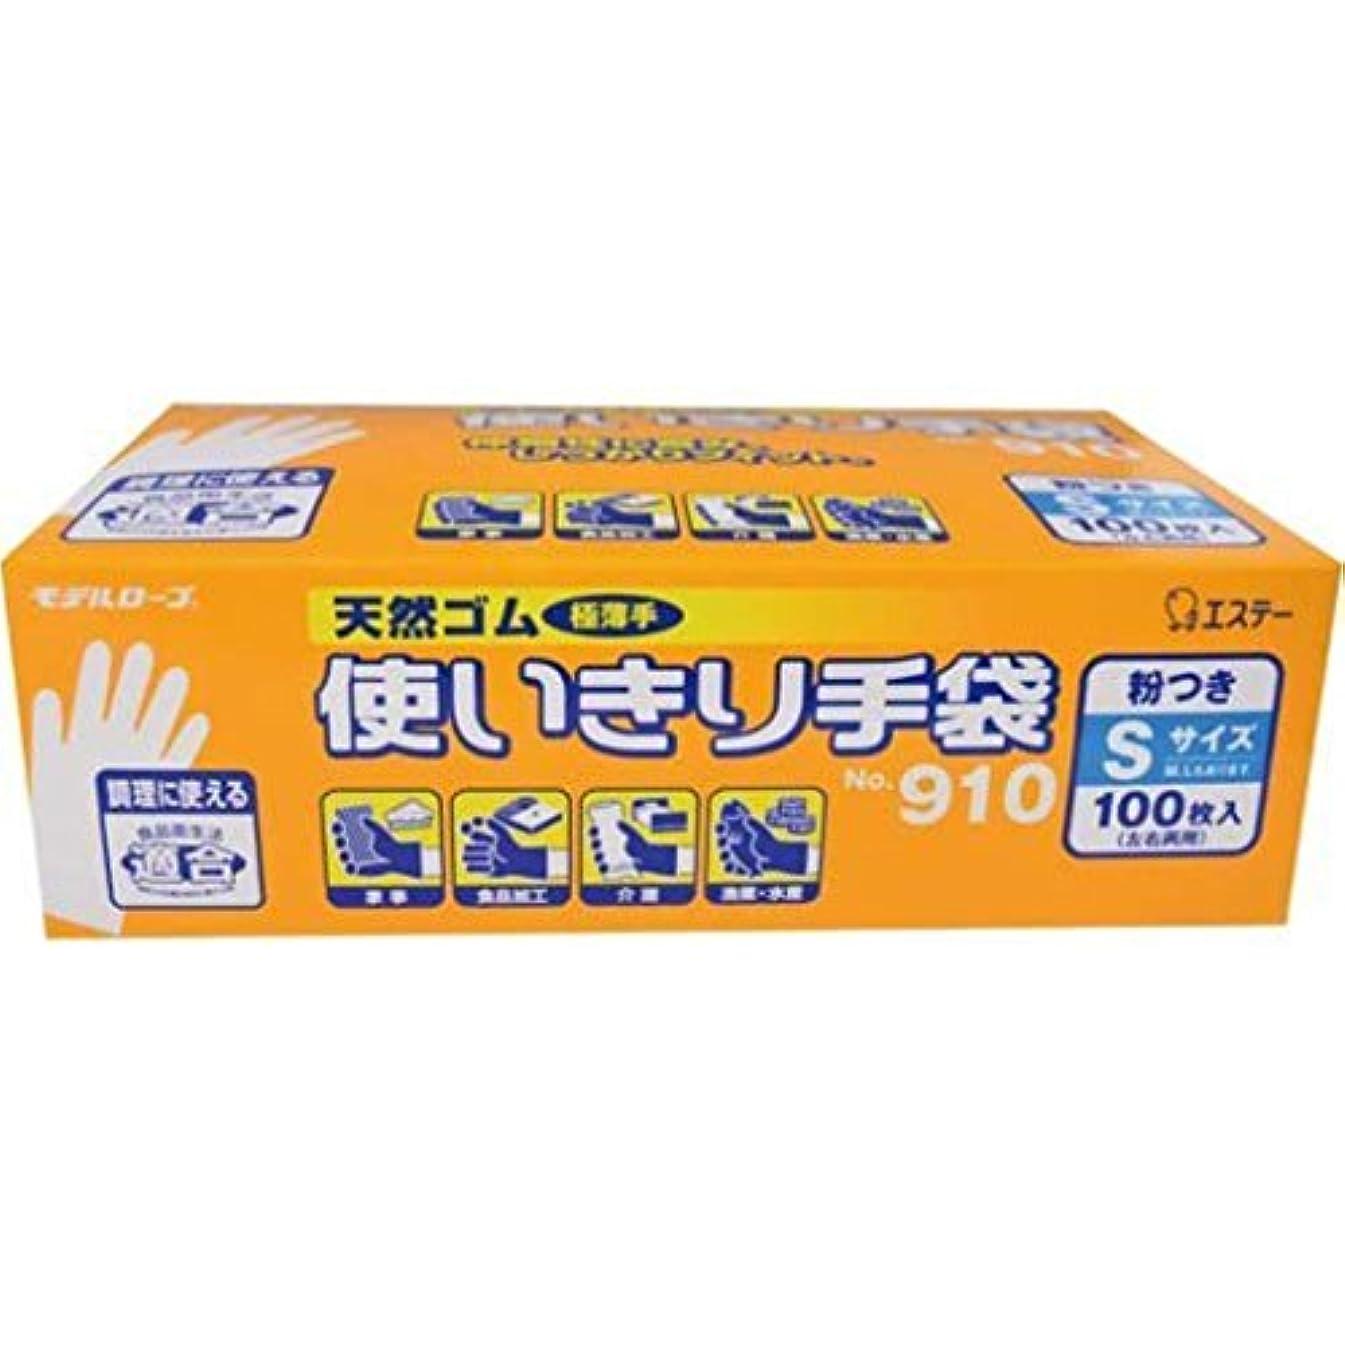 カレッジ乏しい雨(まとめ買い)エステー 天然ゴム使い切り手袋 No.910 S 【×3セット】